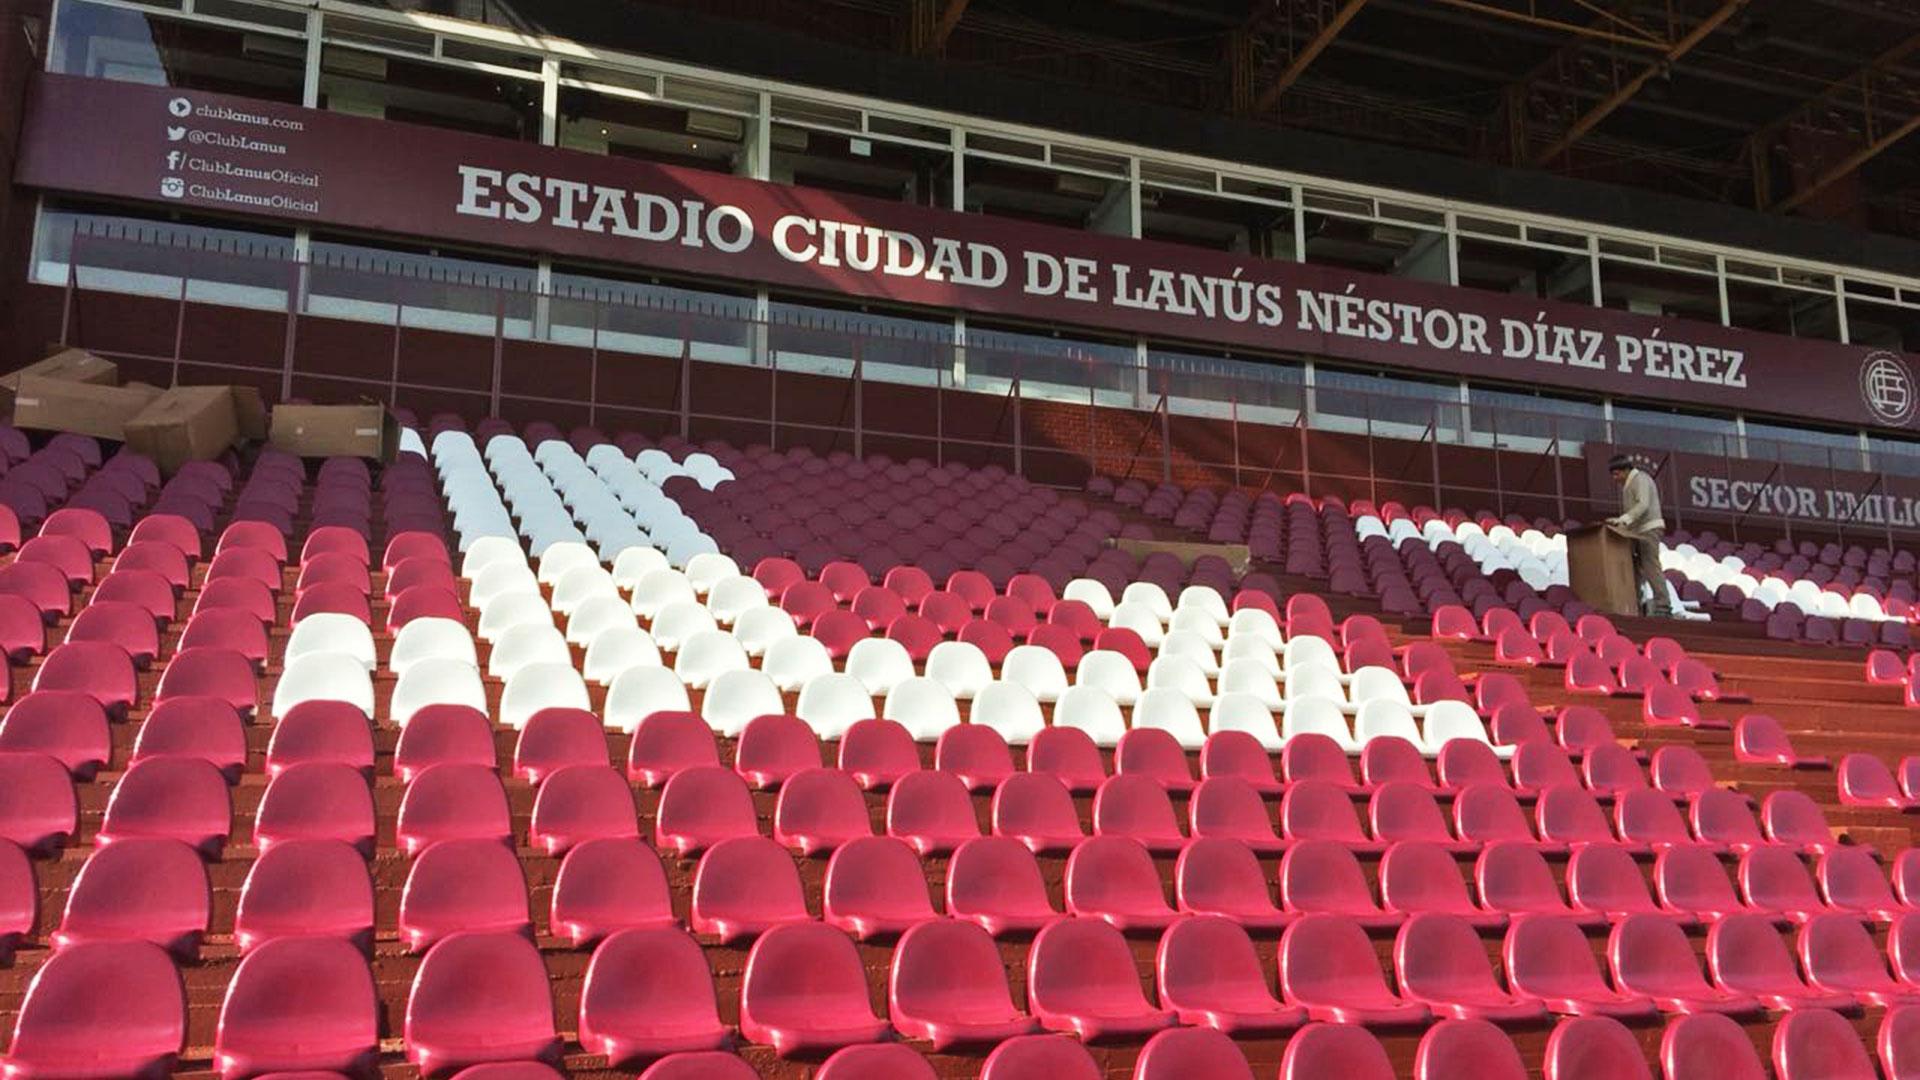 Lanús tribuna Chebel Asientos para estadios